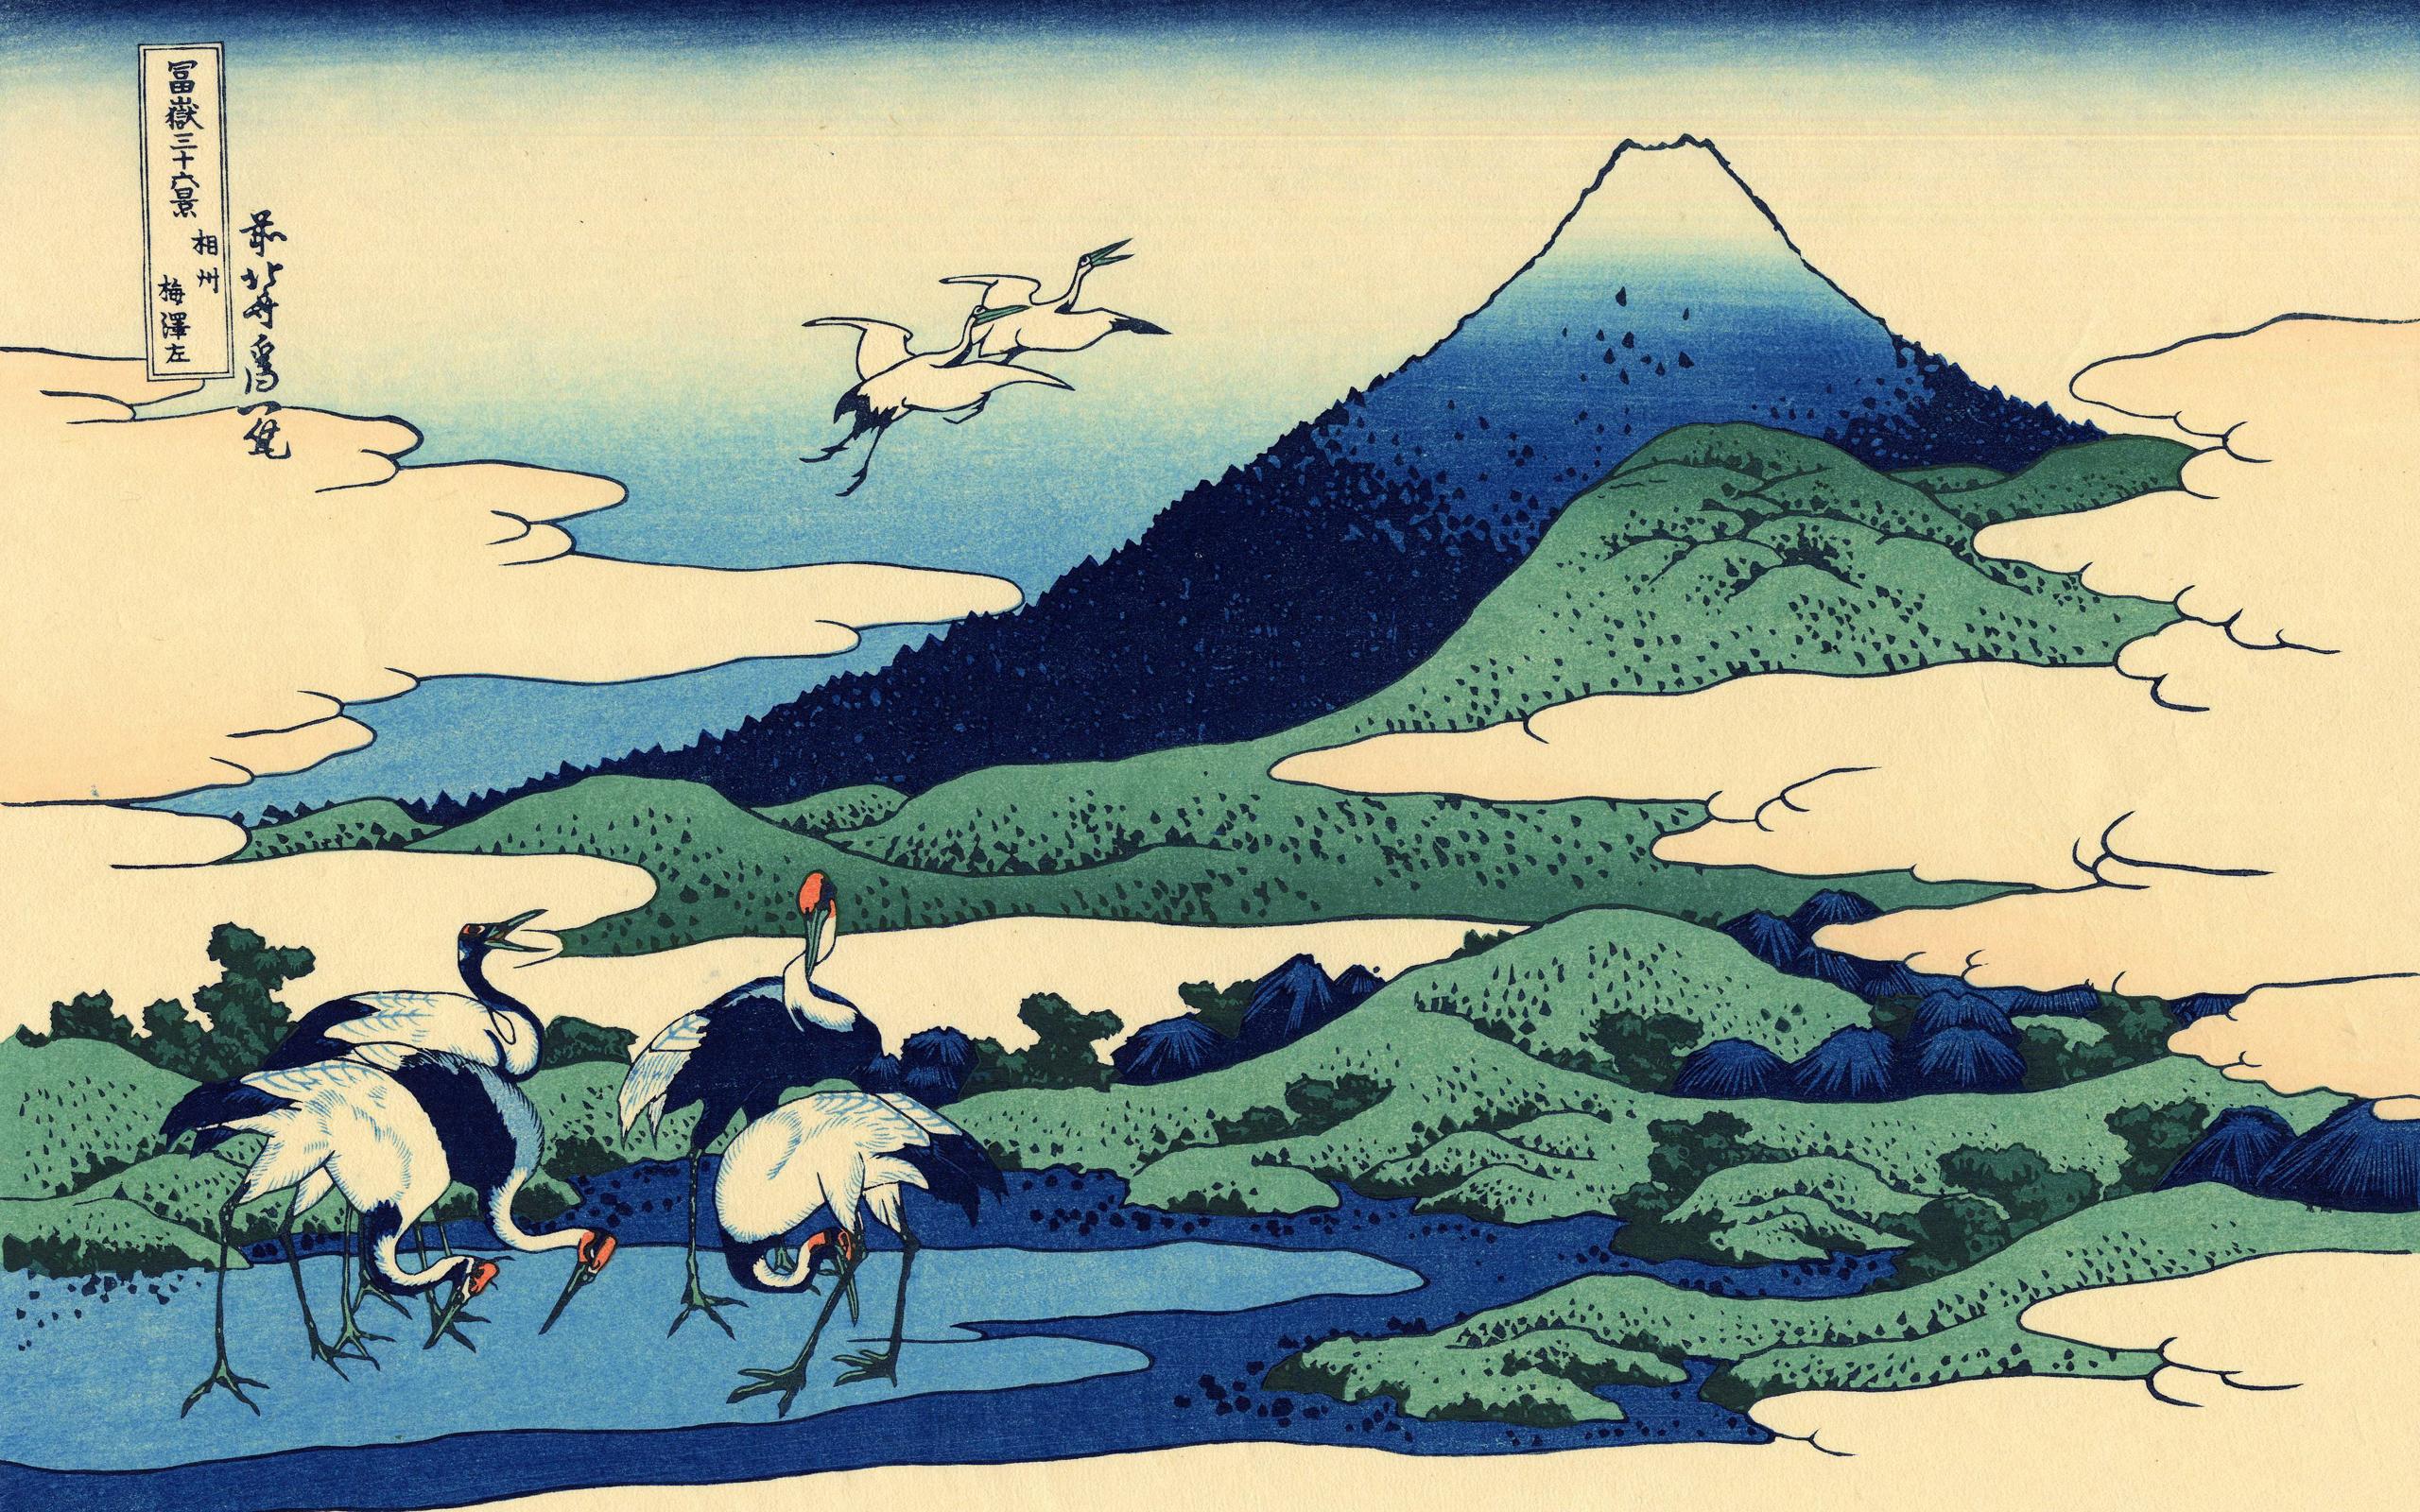 2560x1600px Hokusai Wallpaper 2560x1600